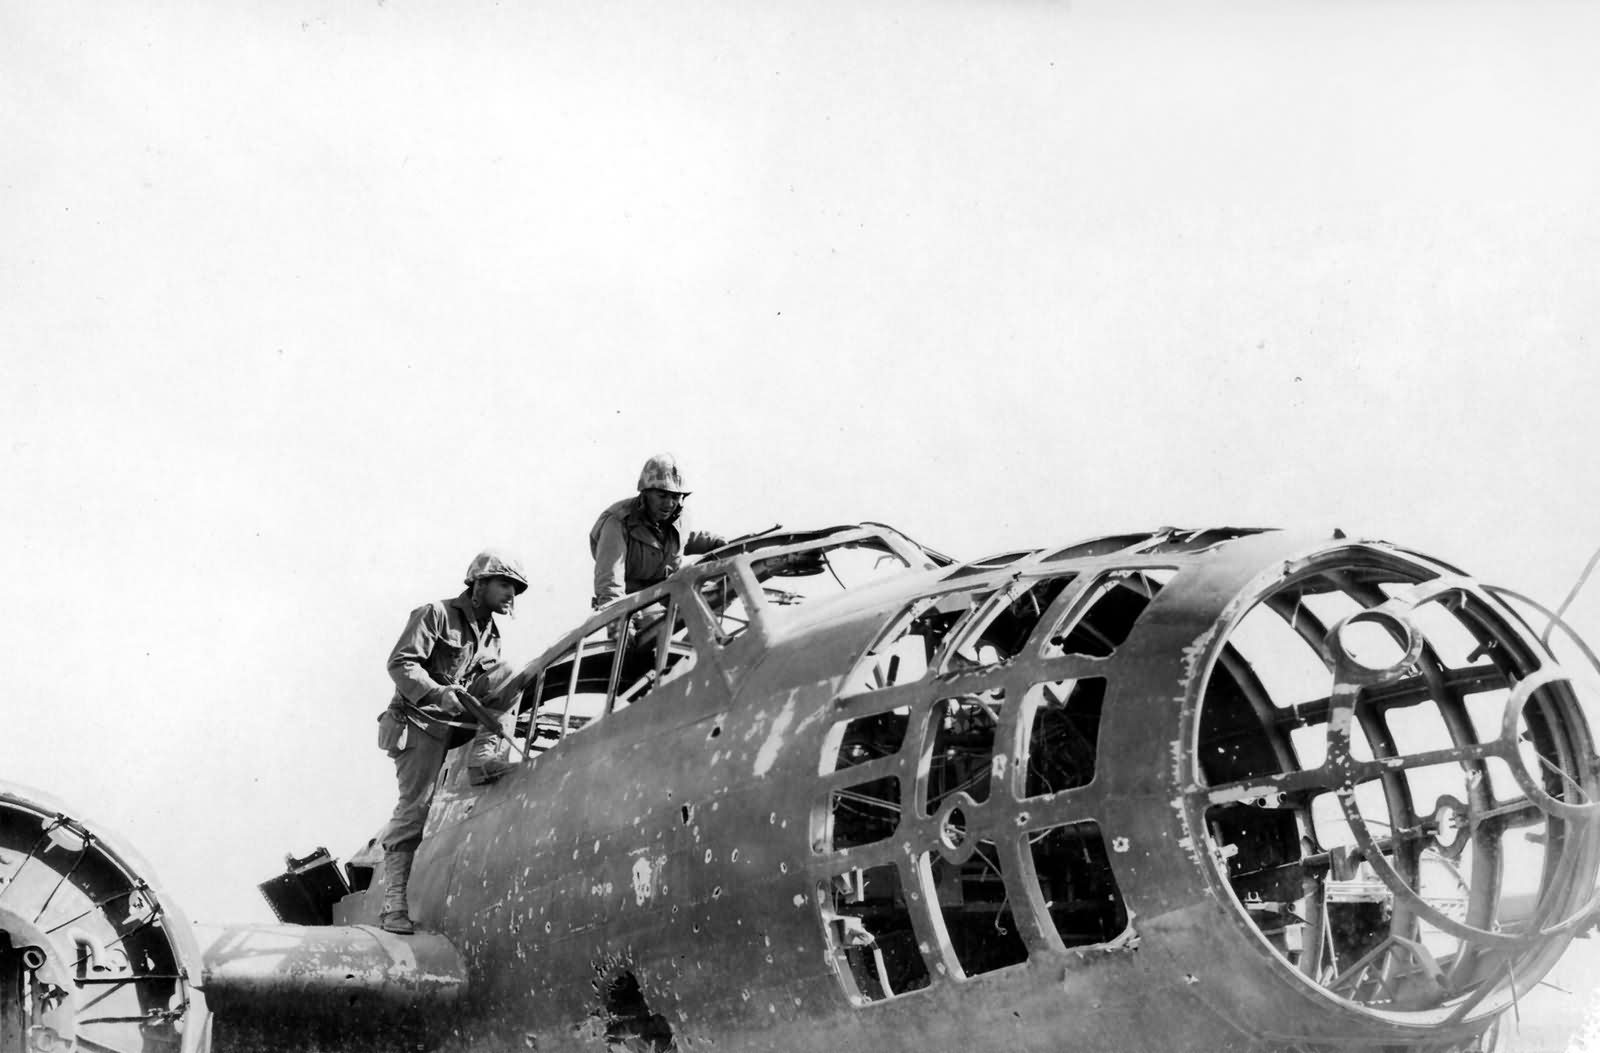 Japanese Aircraft Wrecks on Iwo Jima 3